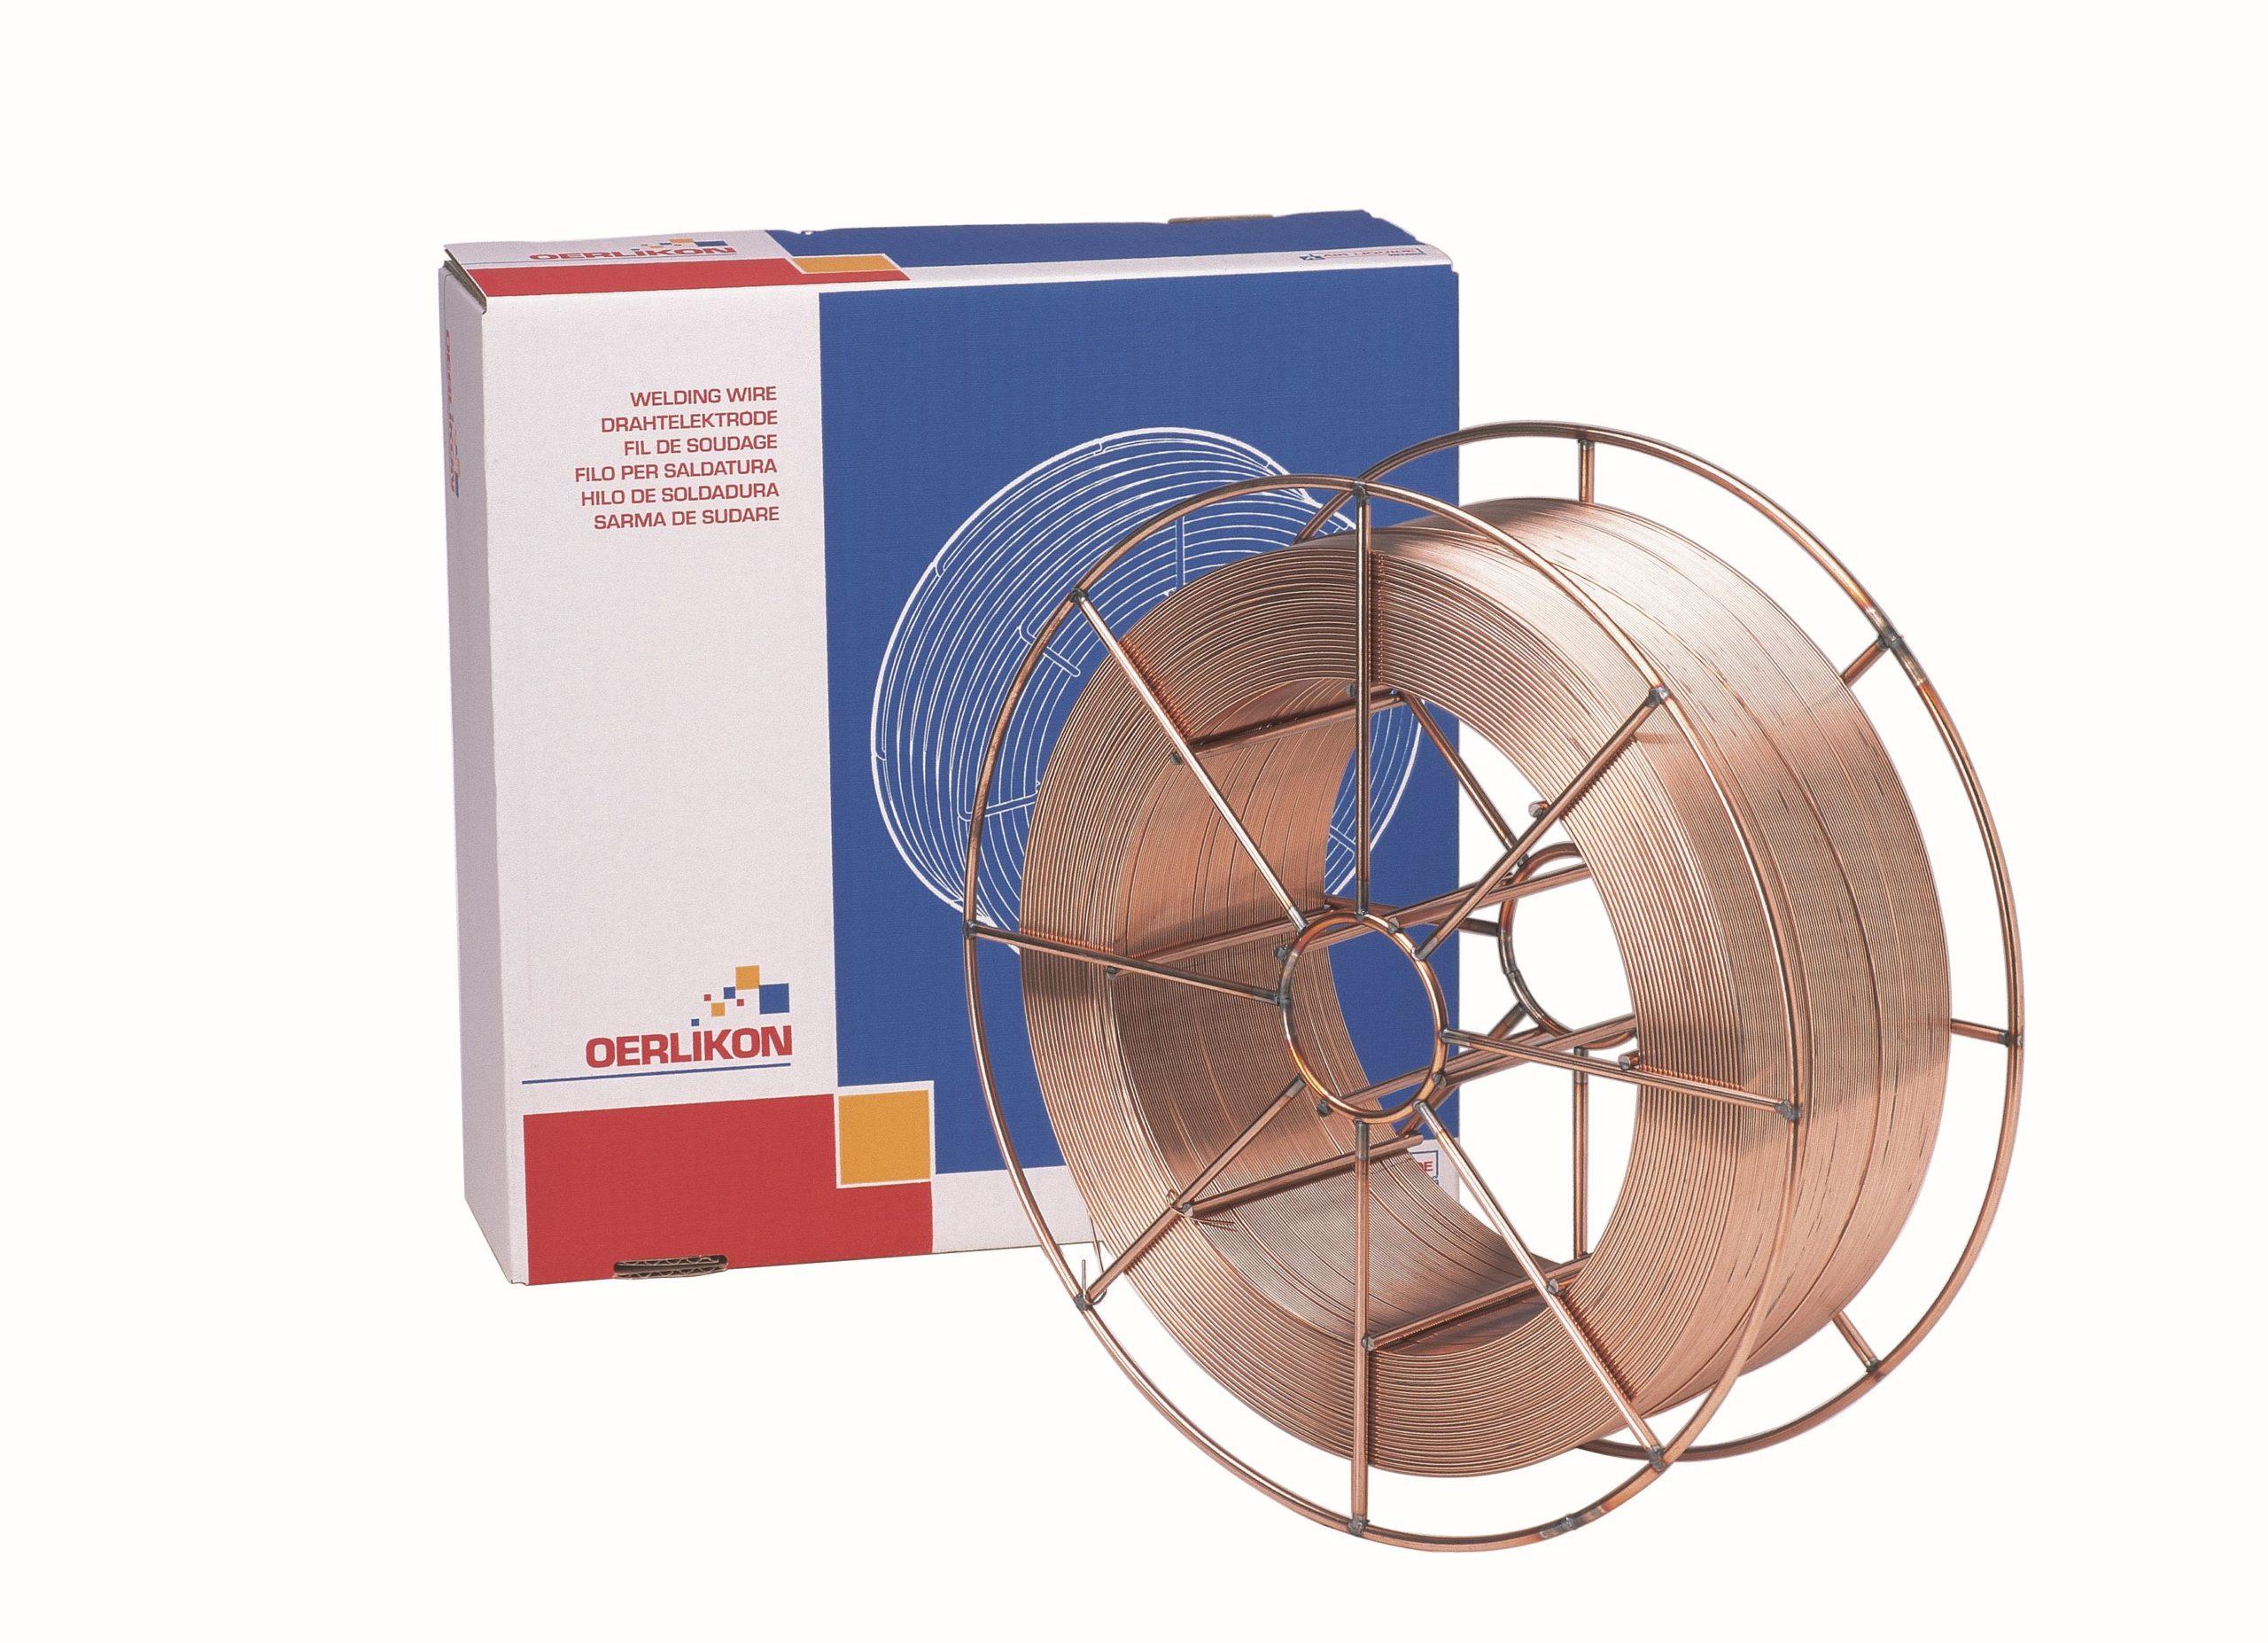 Rutil Rörelektrod Fluxofil 20 För Höghållfast Stål